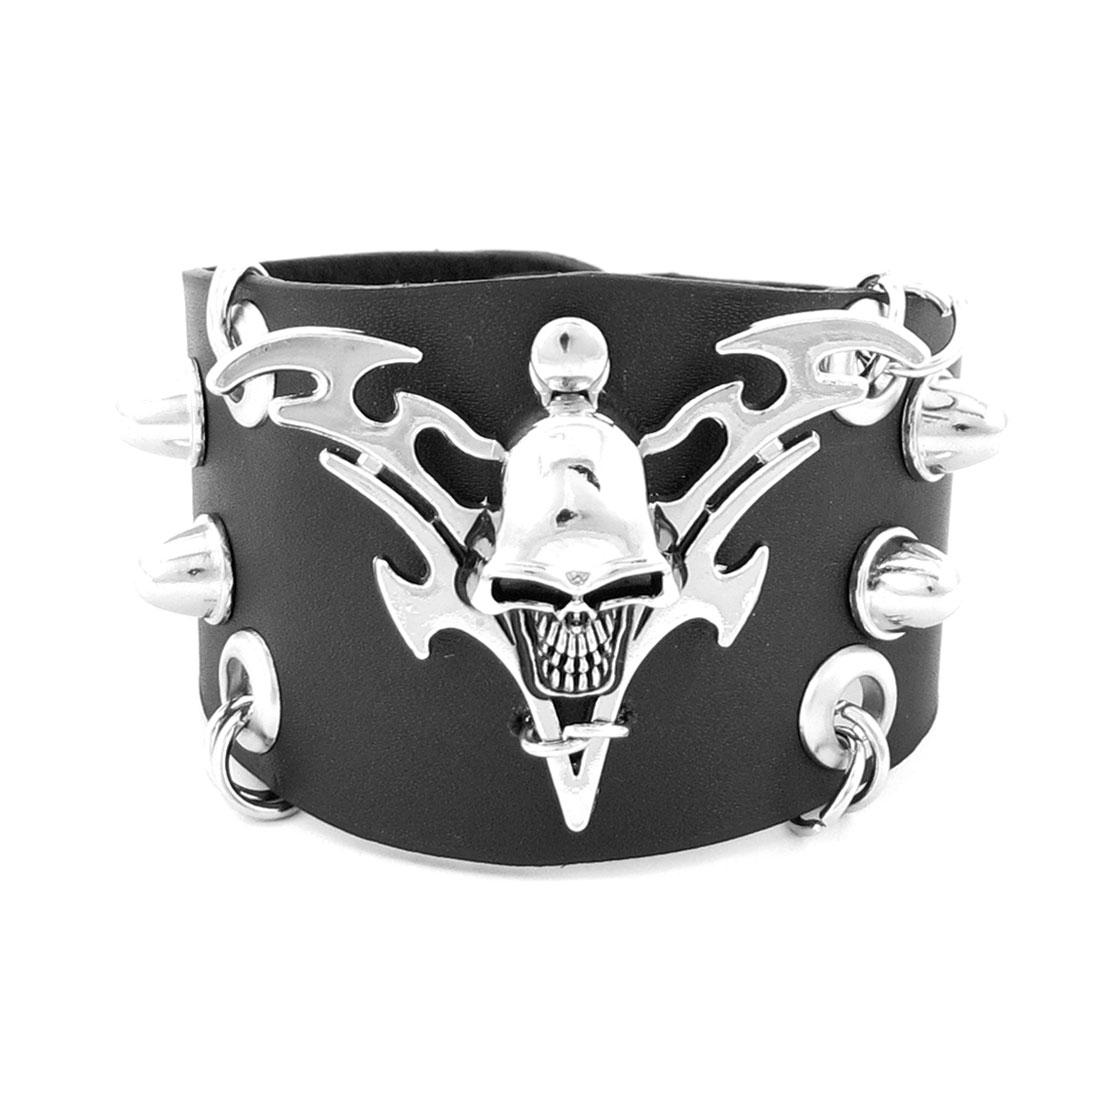 Men Ladies Punk Rivet Skull Accent Faux Leather Bracelet Bangle Black